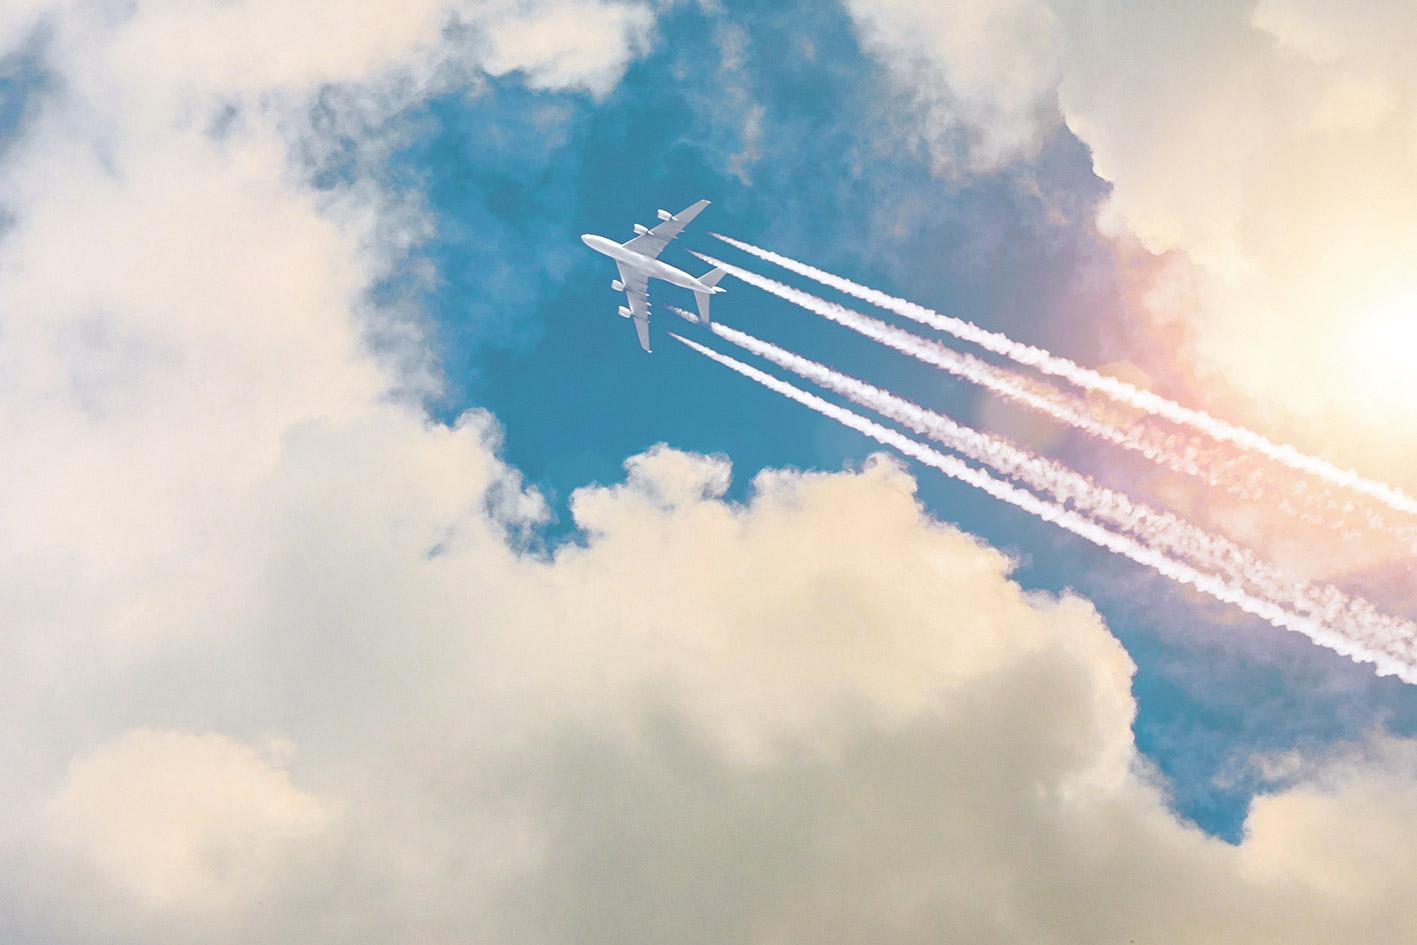 Ein Flugzeug hinterlässt Kondensstreifen an einem wolkigen Himmel.